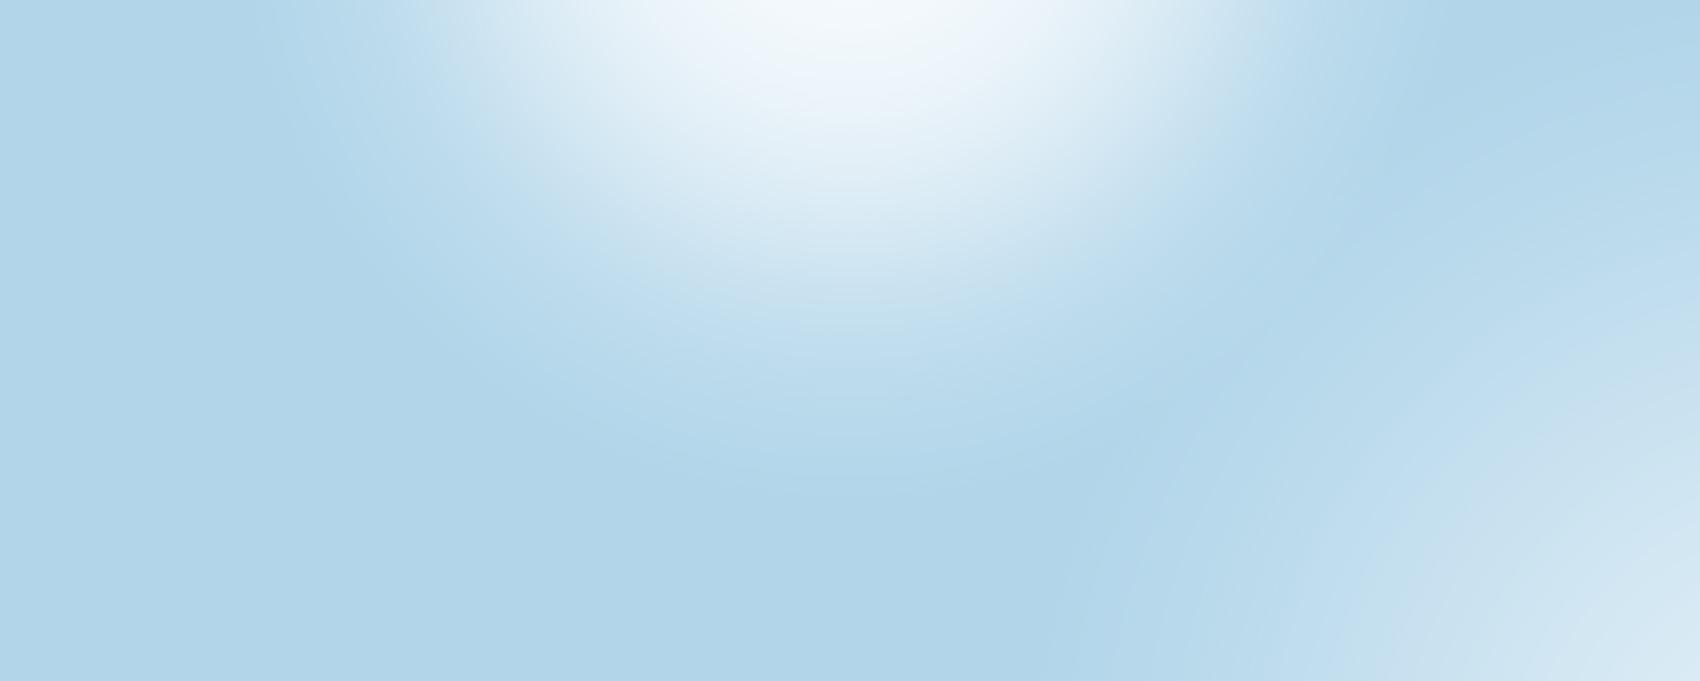 light-blue-bg2